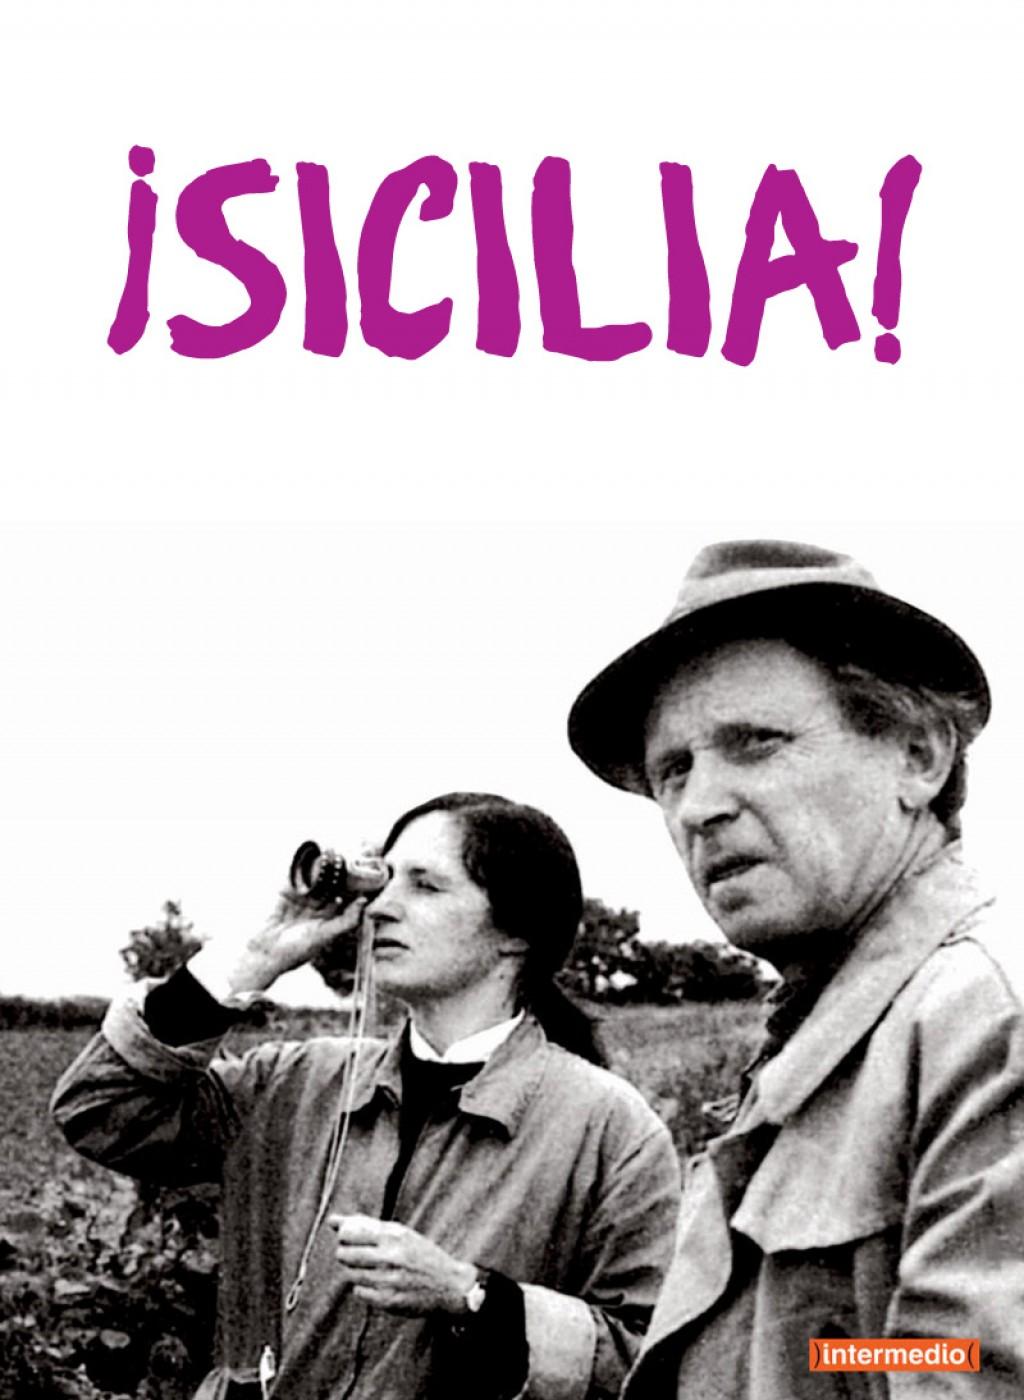 ¡Sicilia!